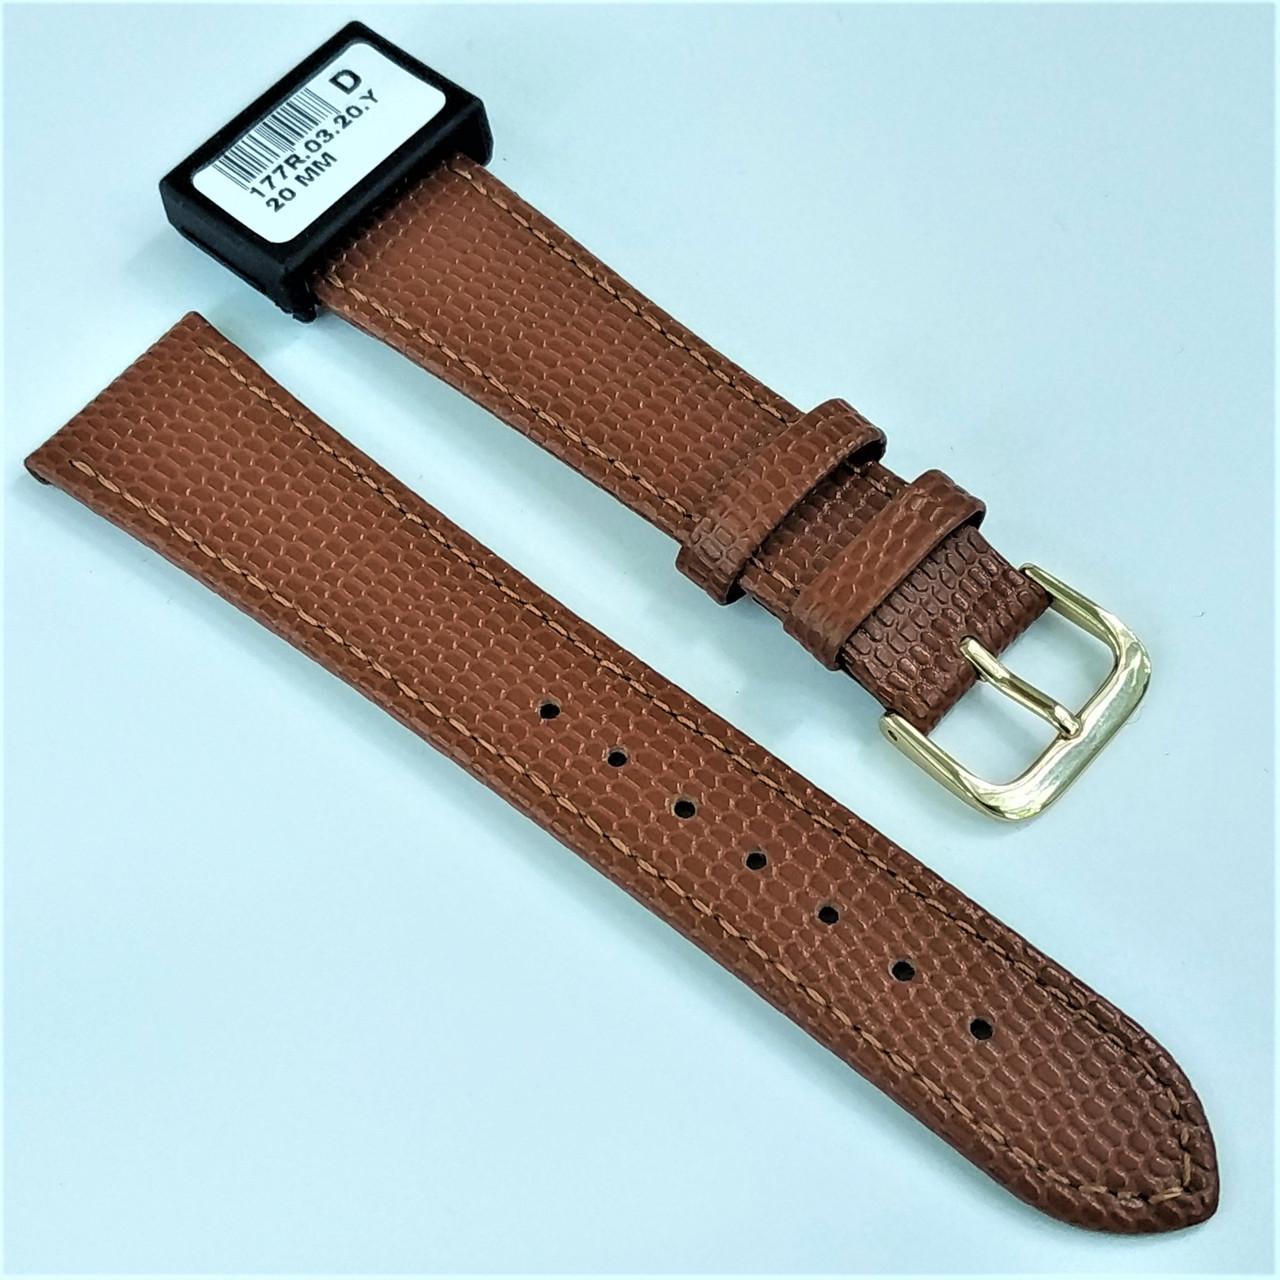 20 мм Кожаный Ремешок для часов CONDOR 177.20.03 Коричневый Ремешок на часы из Натуральной кожи